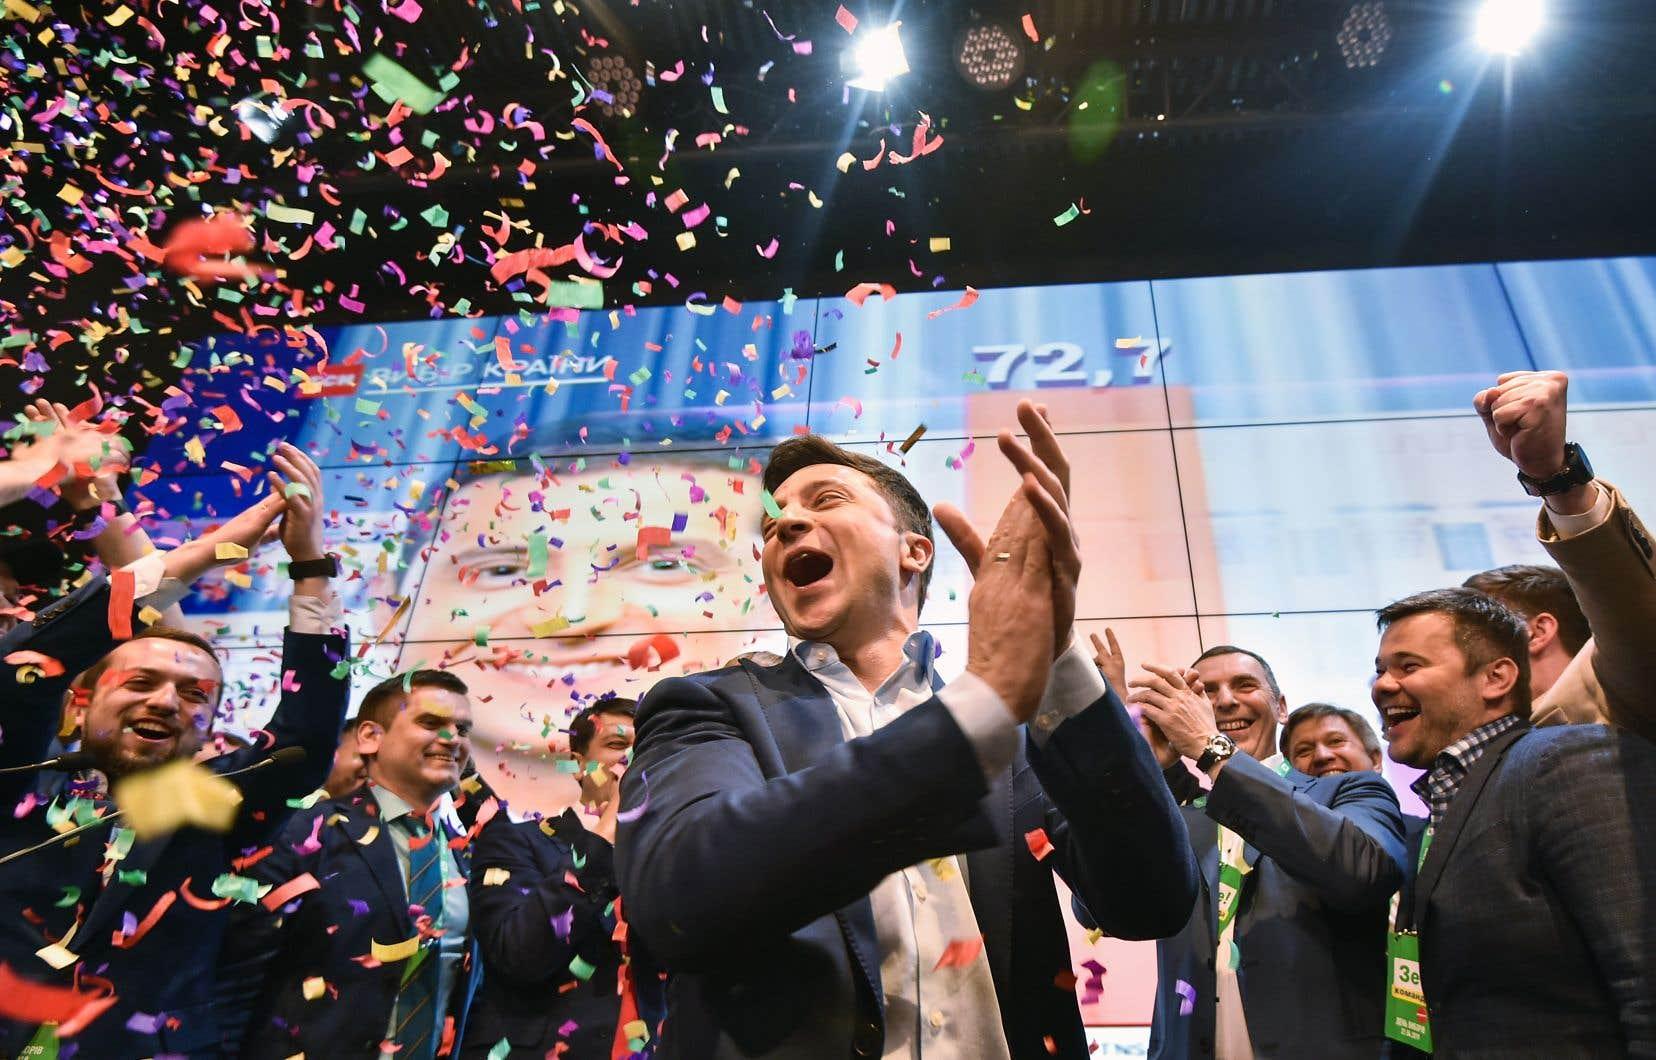 L'acteur et humoriste de 41ans Volodymyr Zelensky a été élu, selon les résultats quasi définitifs publiés lundi, avec 73,2% des voix contre 24,5% pour le président sortant, Petro Porochenko.